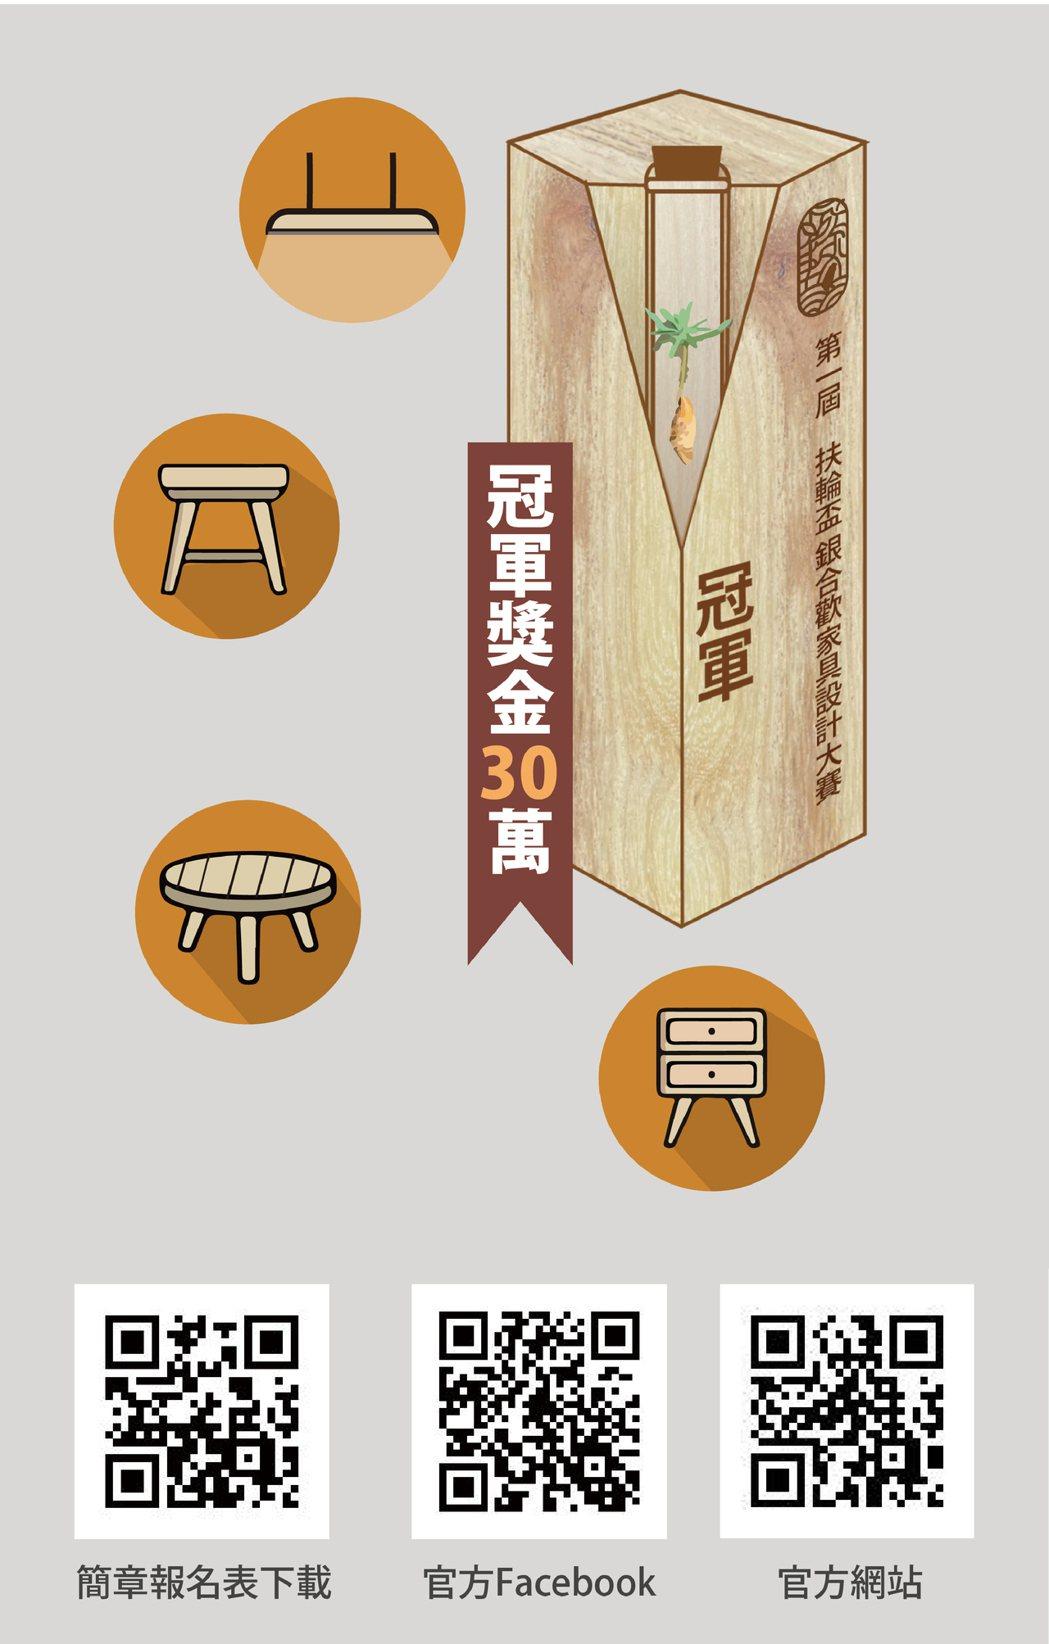 第一屆「扶輪盃銀合歡家具設計」徵件競賽,歡迎踴躍報名。 業者/提供